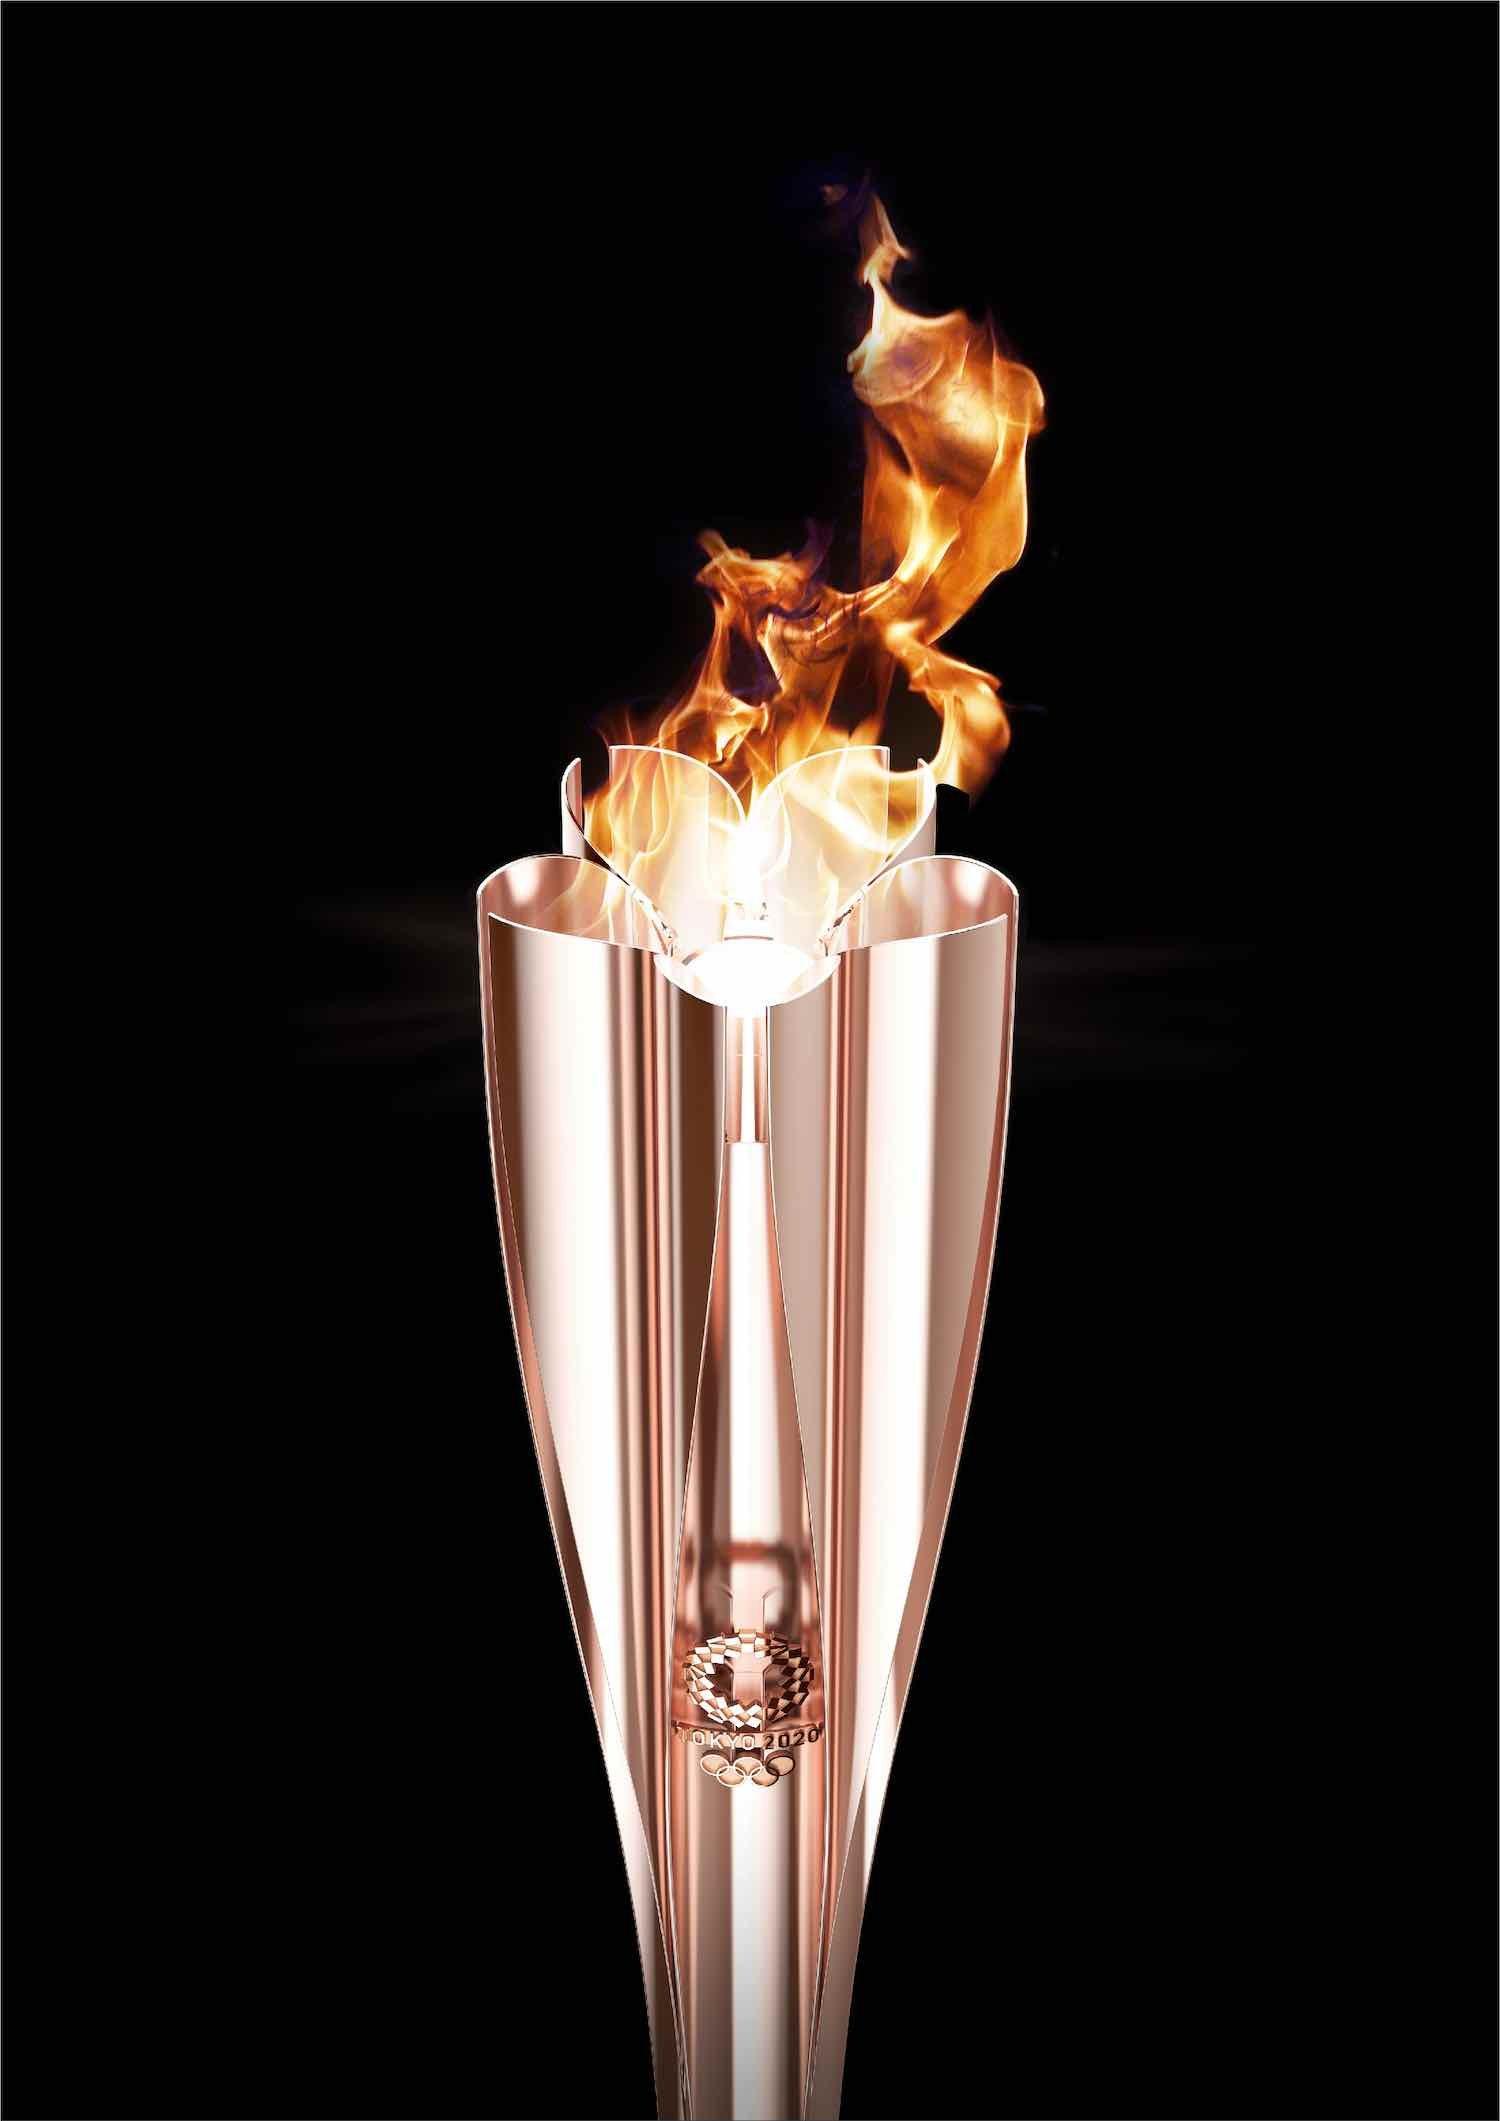 Tokyo 2020 Olympics' torch by Tokujin Yoshioka - Courtesy of Tokyo 2020 Olympics.